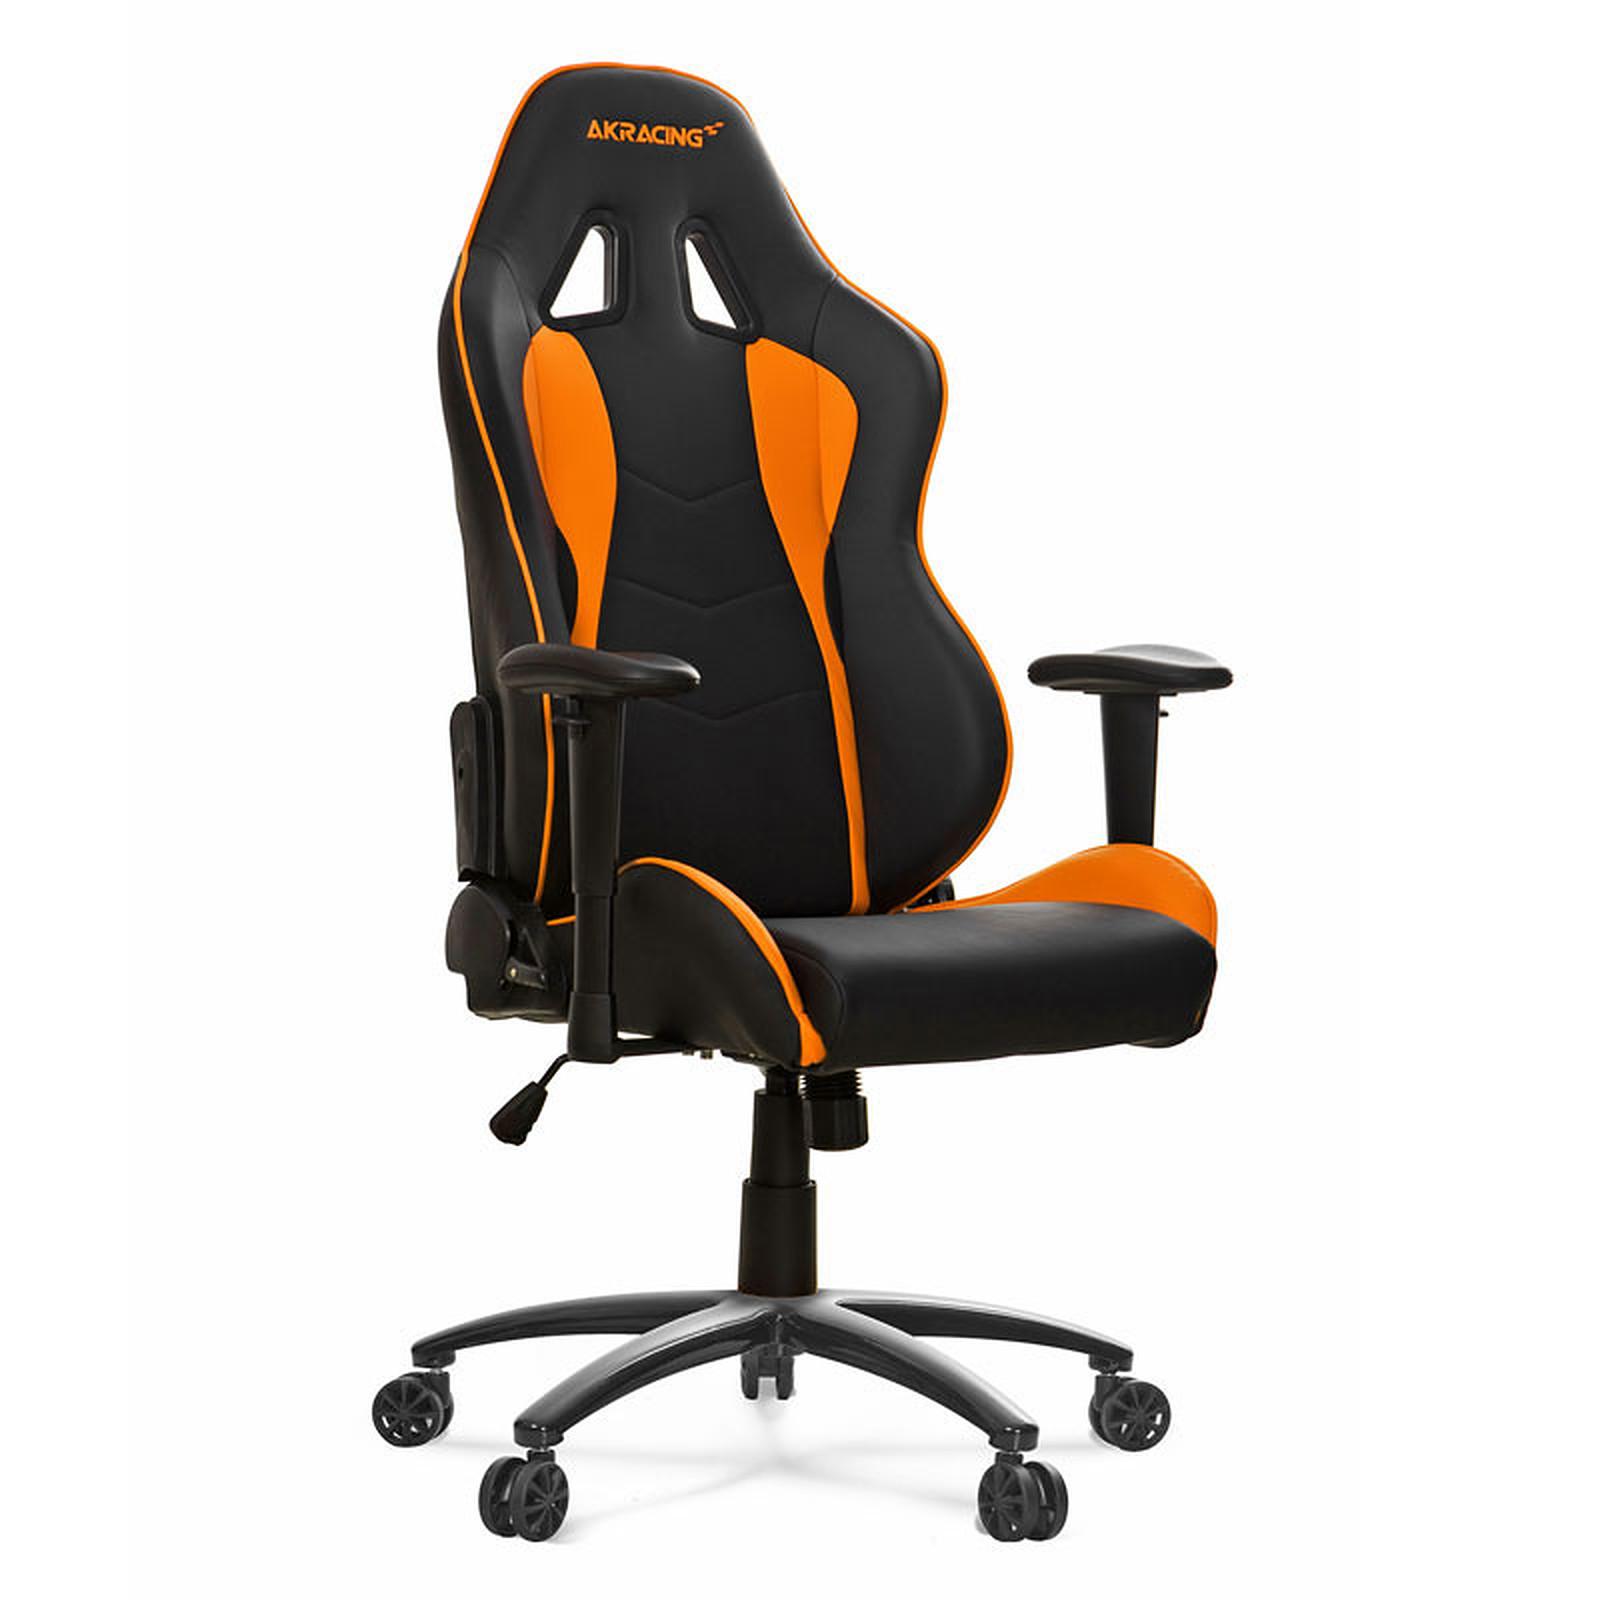 AKRacing Nitro Gaming Chair (orange)